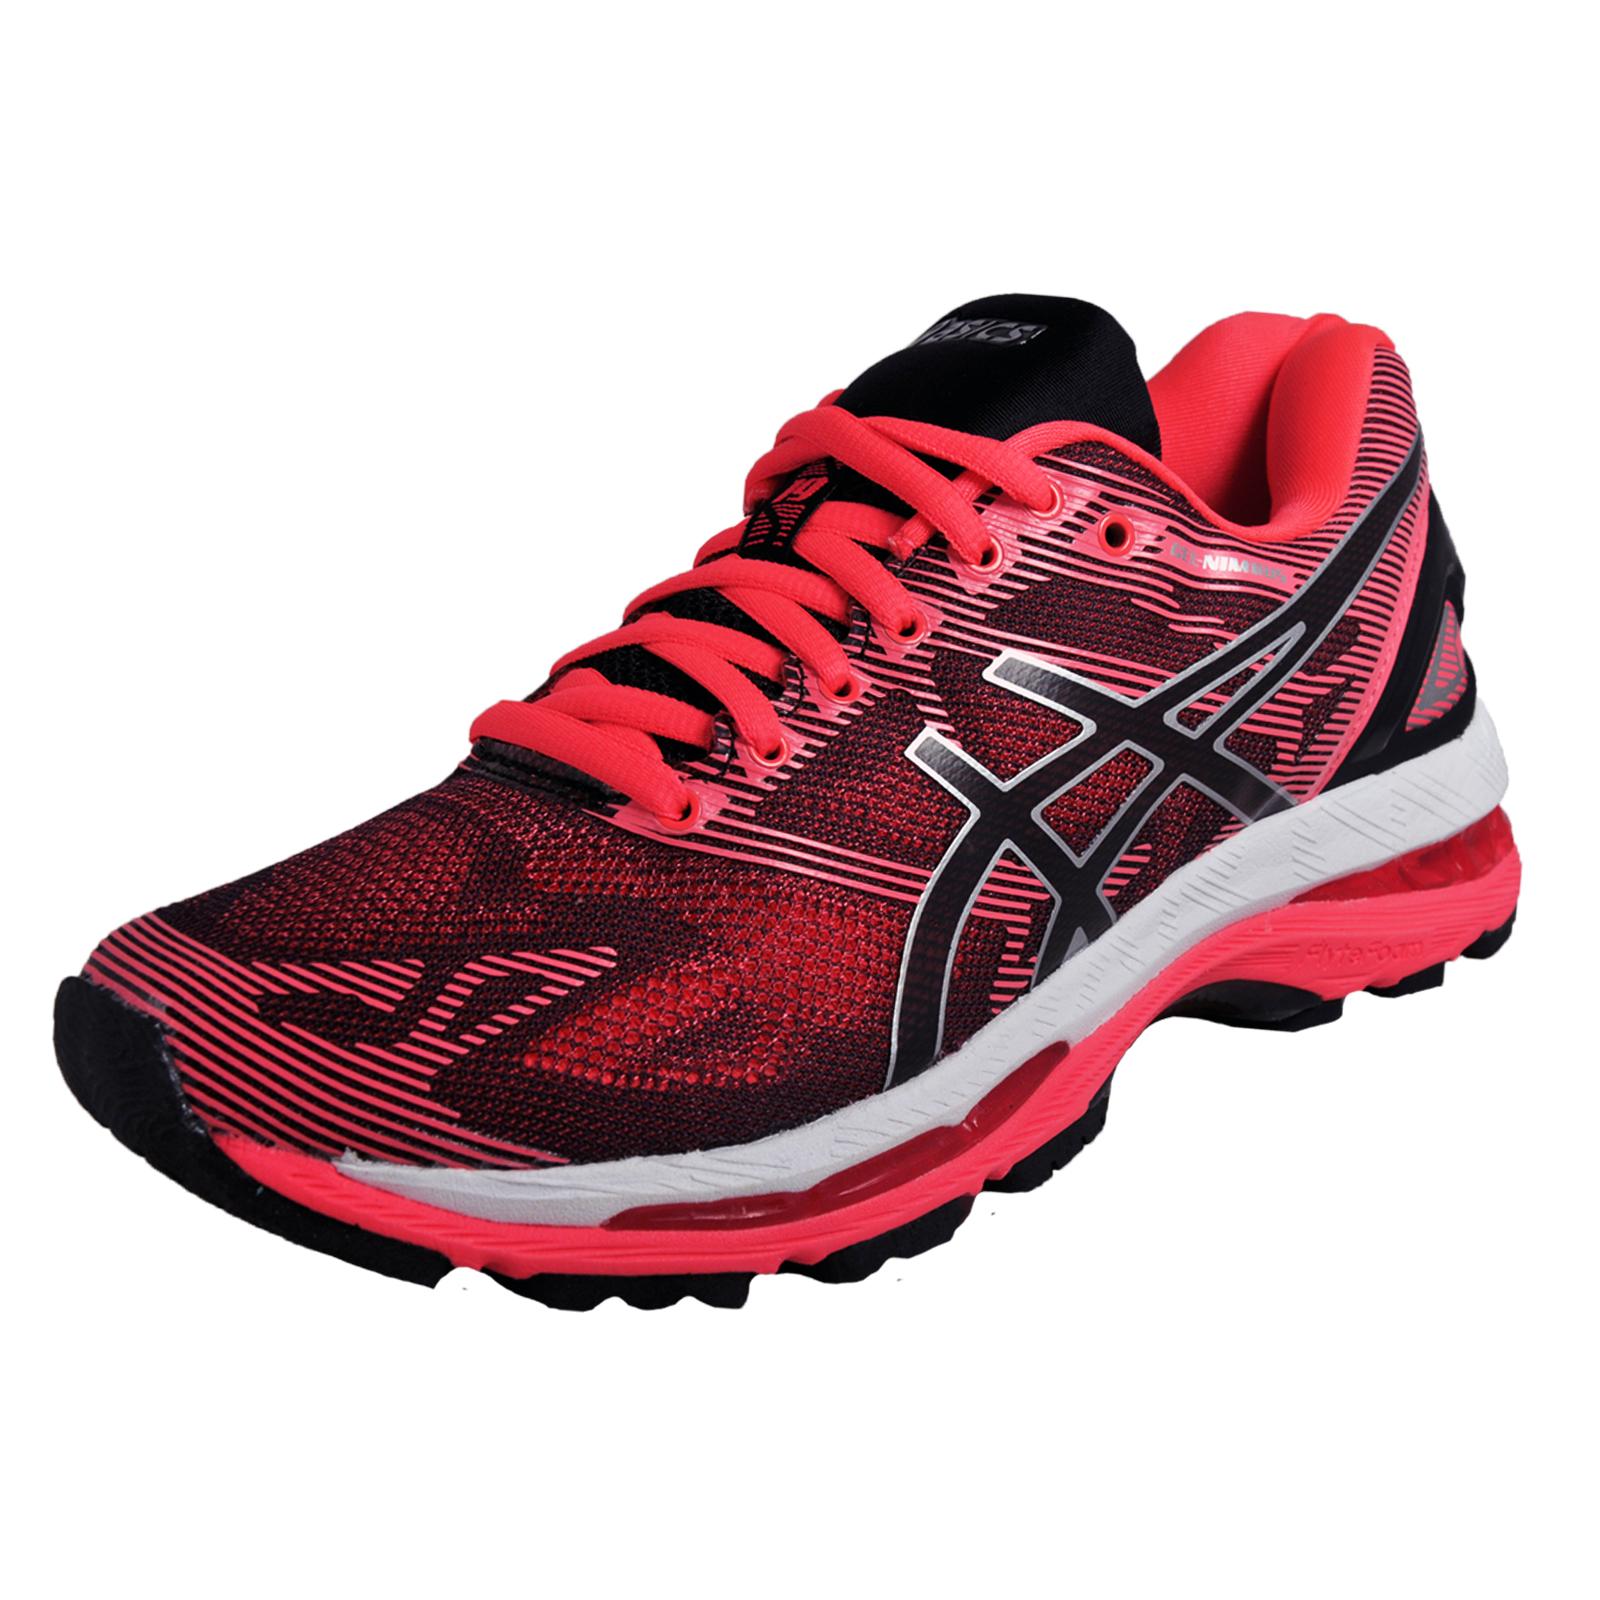 Asics Mens Gel Nimbus  Running Shoe Ebay